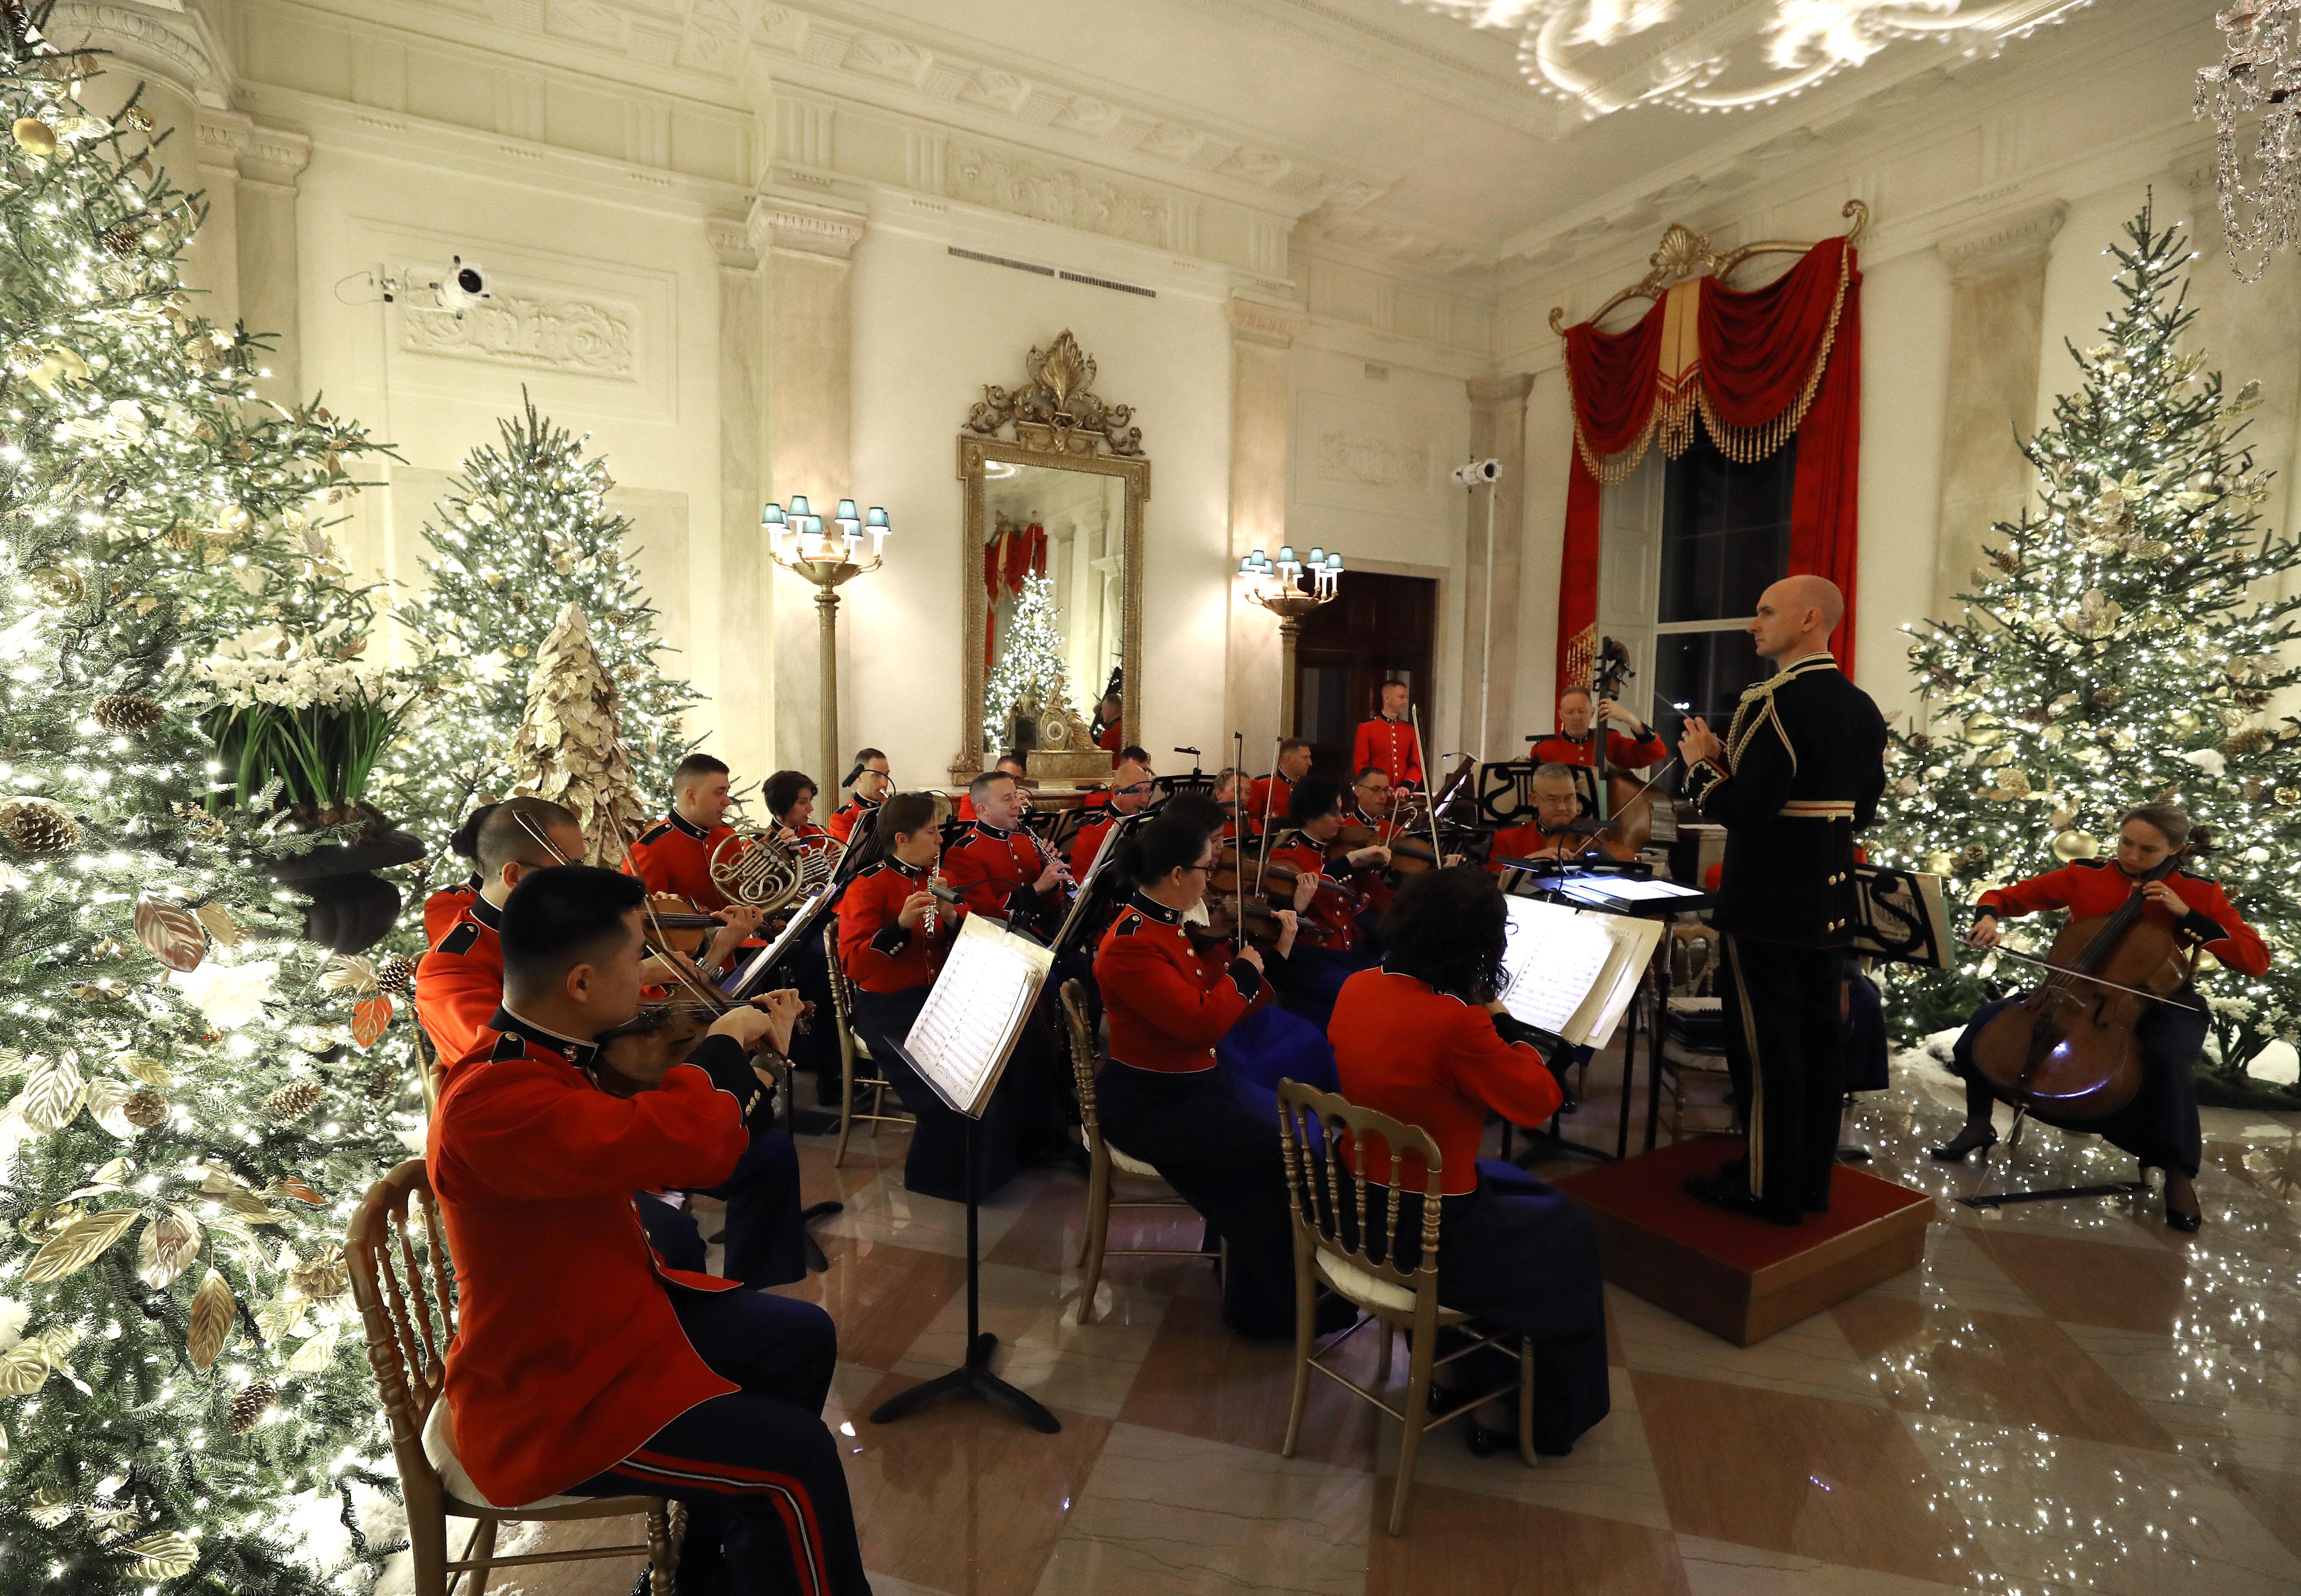 Una banda militar toca música navideña en el Gran Vestíbulo de la Casa Blanca el 2 de diciembre de 2019 en Washington, DC. Mark Wilson / Getty Images / AFP